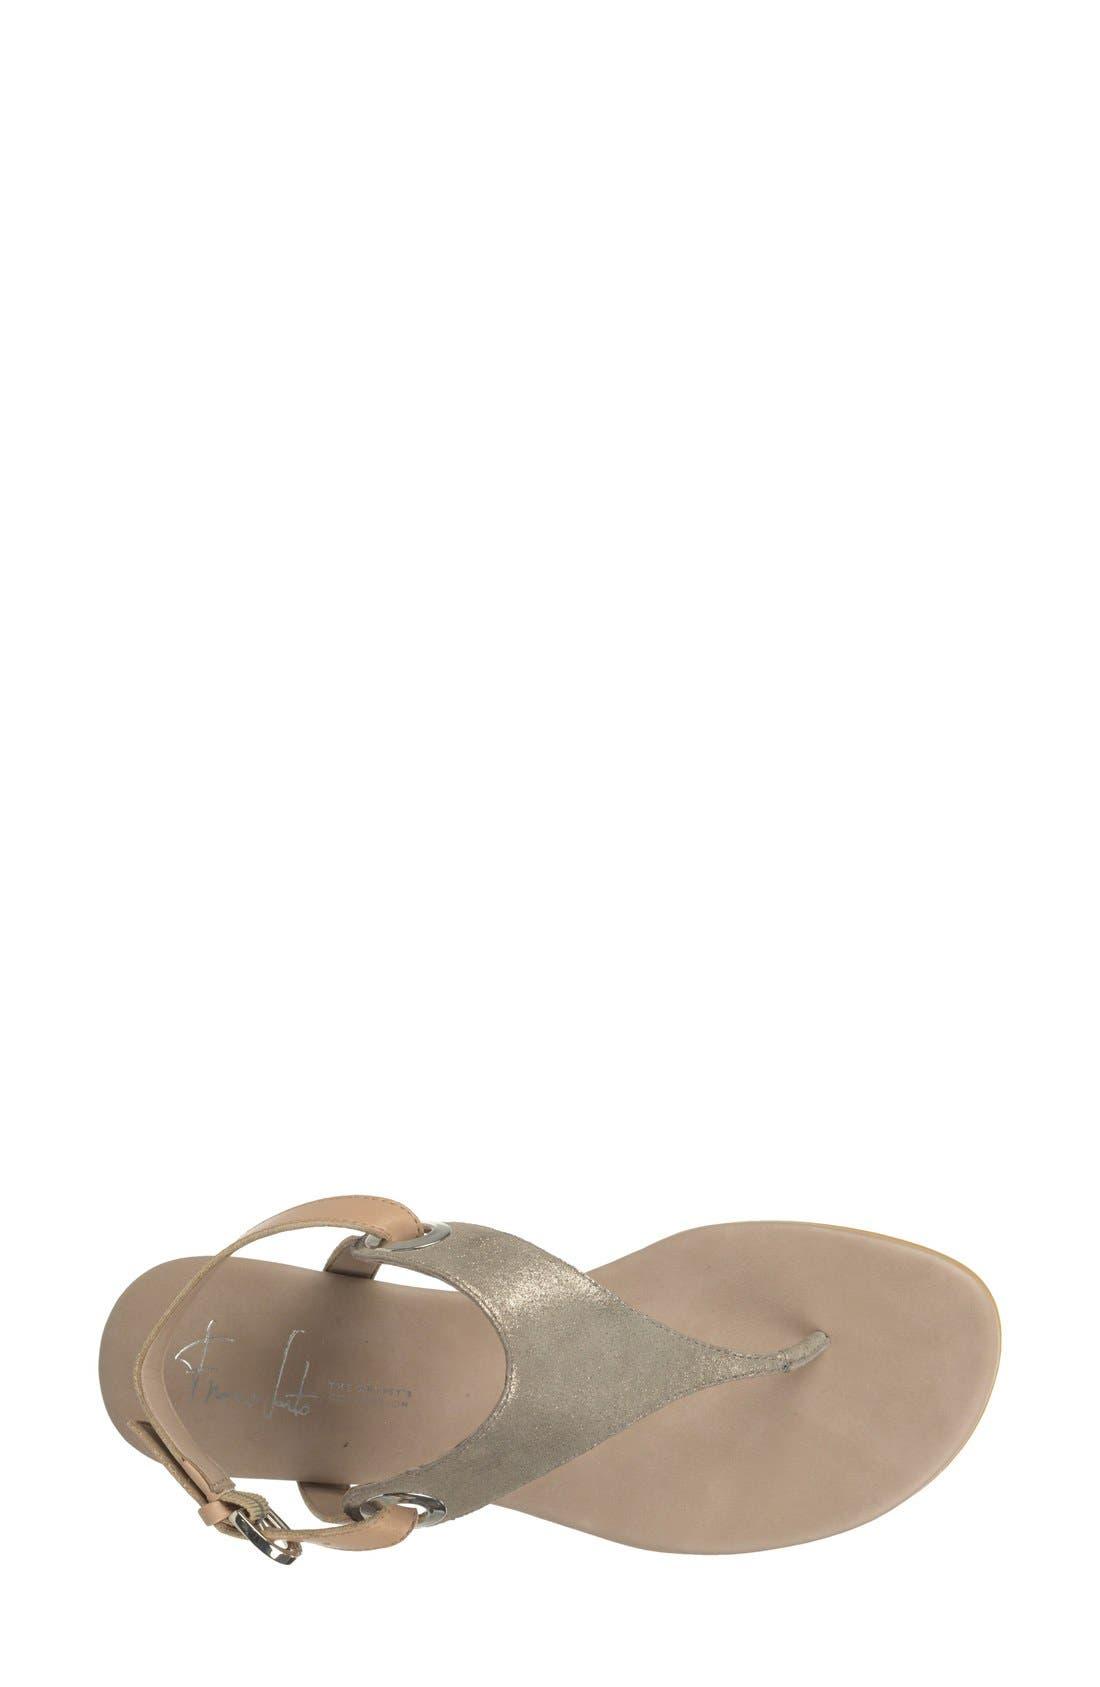 Alternate Image 3  - Franco Sarto 'Grip' Sandal